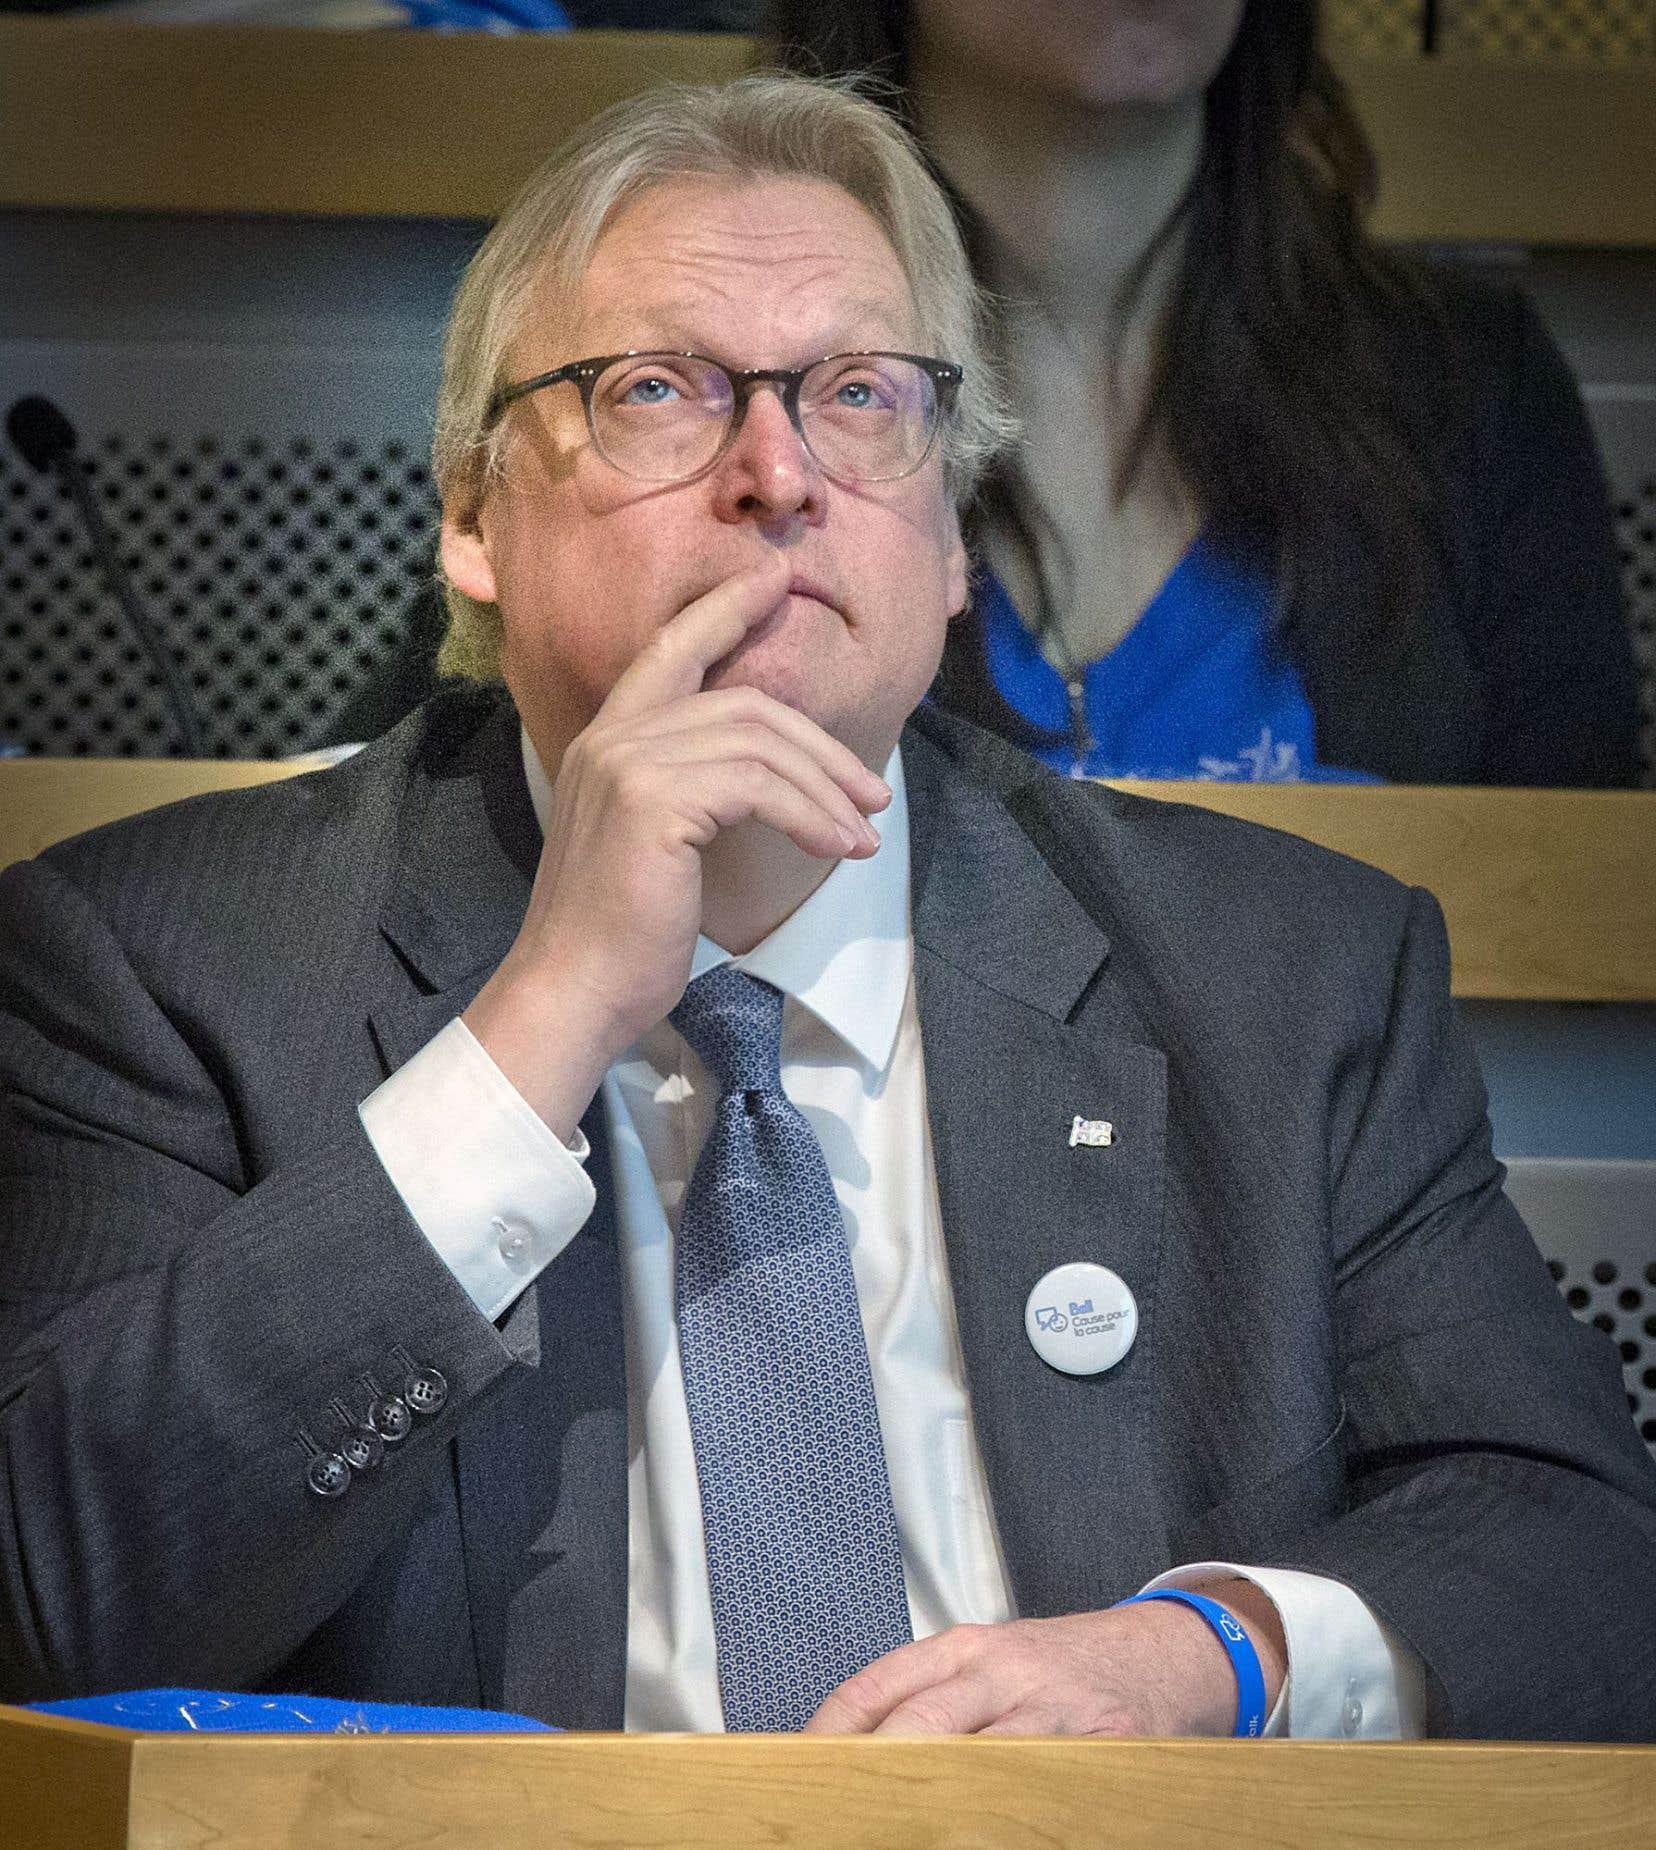 Le ministre de la Santé Gaétan Barrette improvise, accusent les médecins spécialistes.